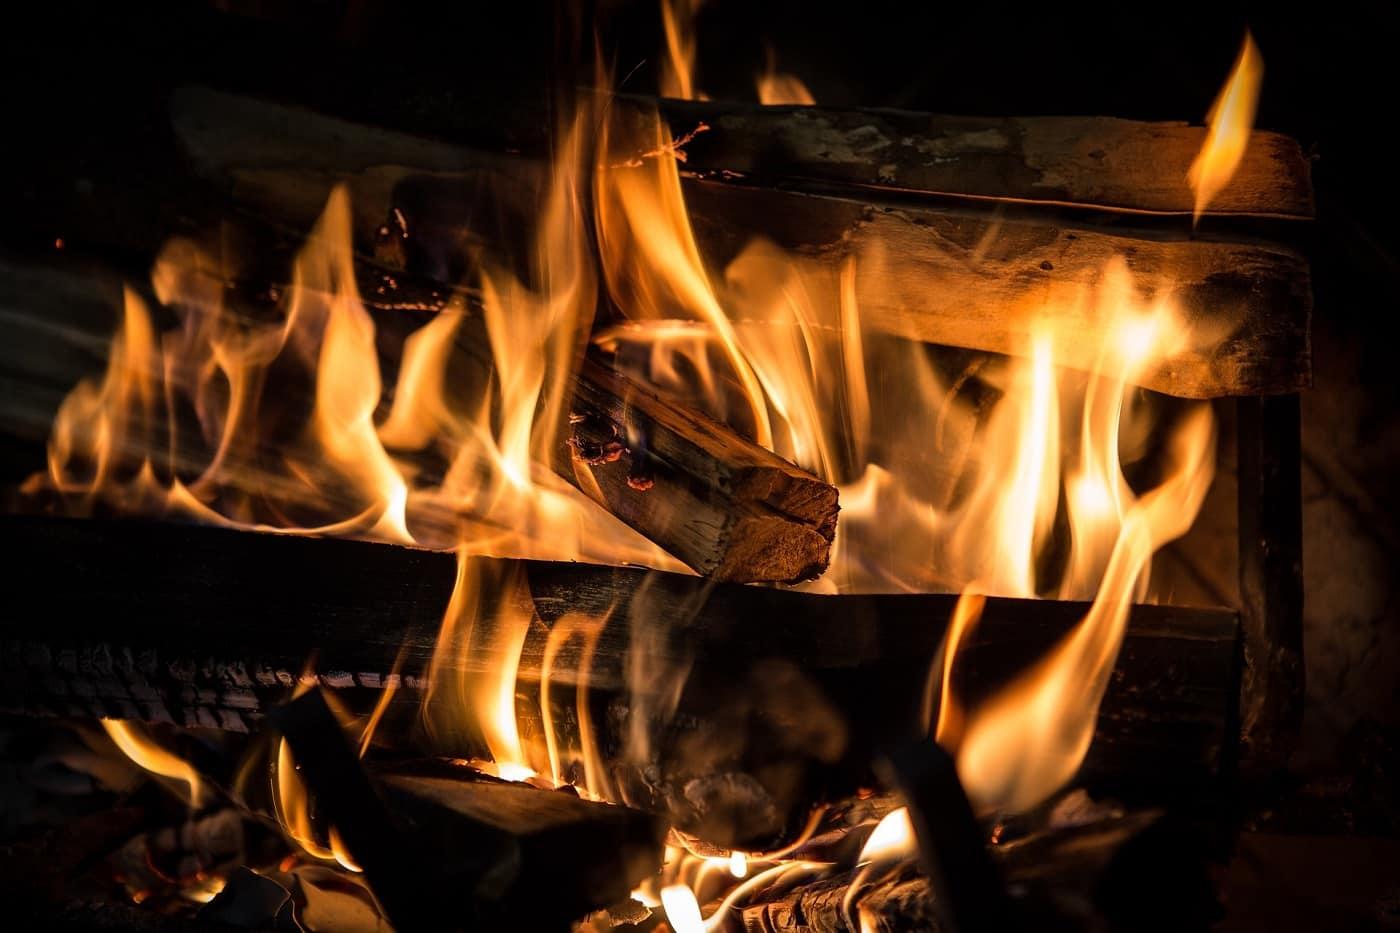 Wood-burning stove via Pixabay